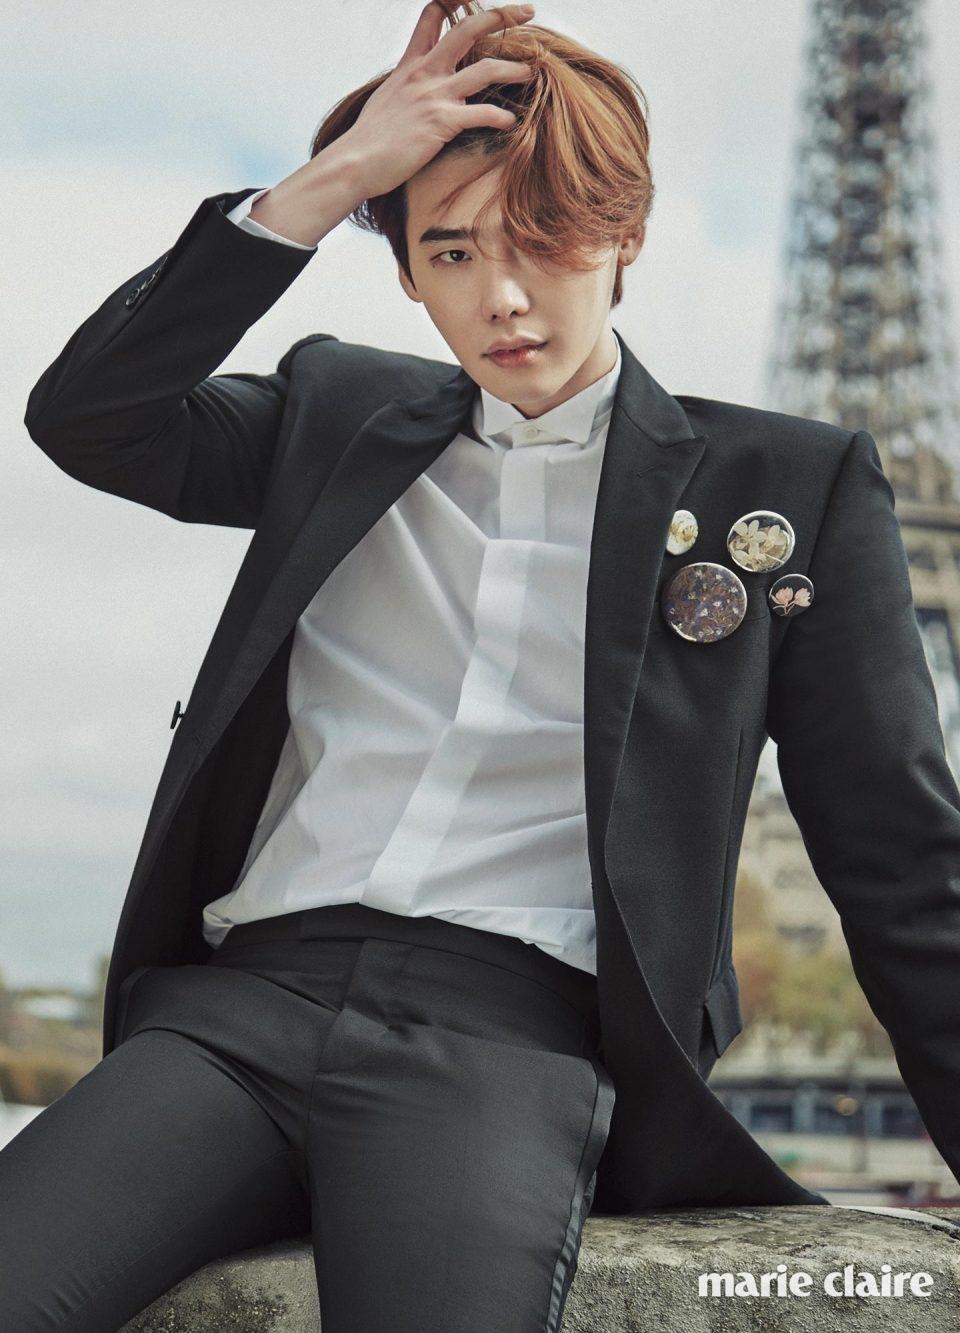 더블브레스티드 턱시도 재킷, 새틴 라이닝 디테일 팬츠, 턱시도 셔츠 모두 디올 옴므(Dior Homme).